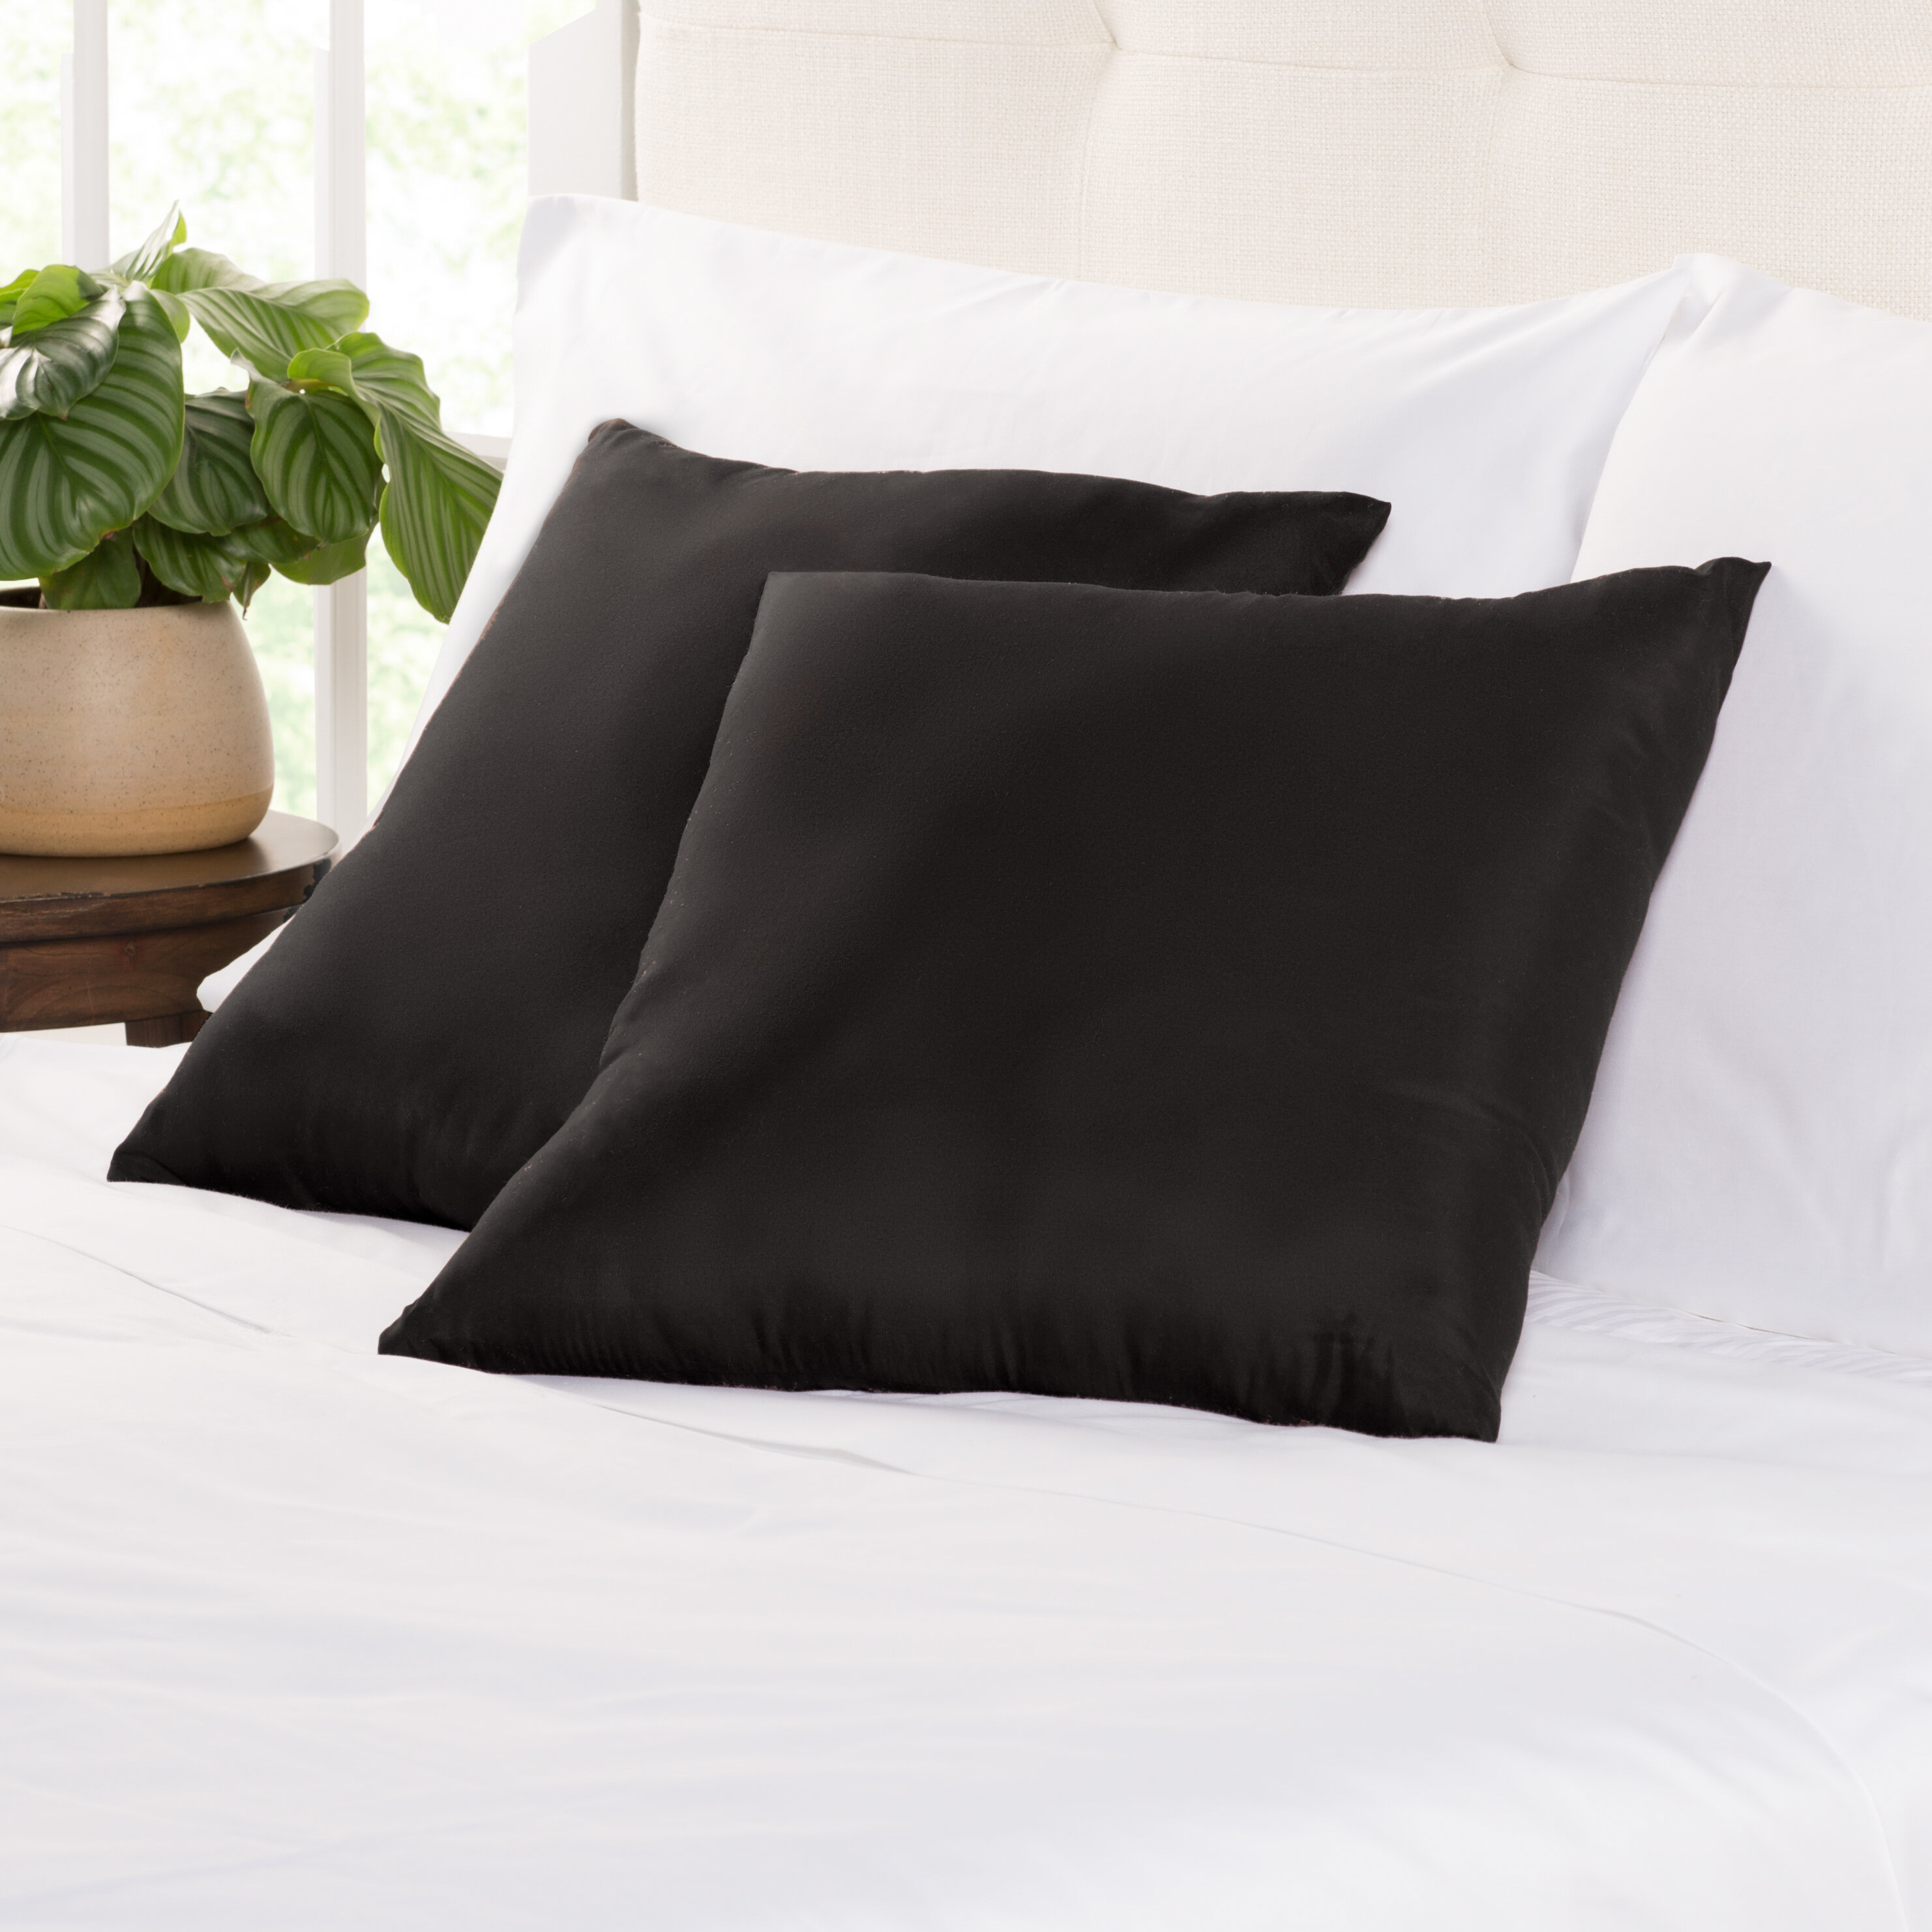 Wayfair Basics Square Throw Pillow & Reviews  Wayfair